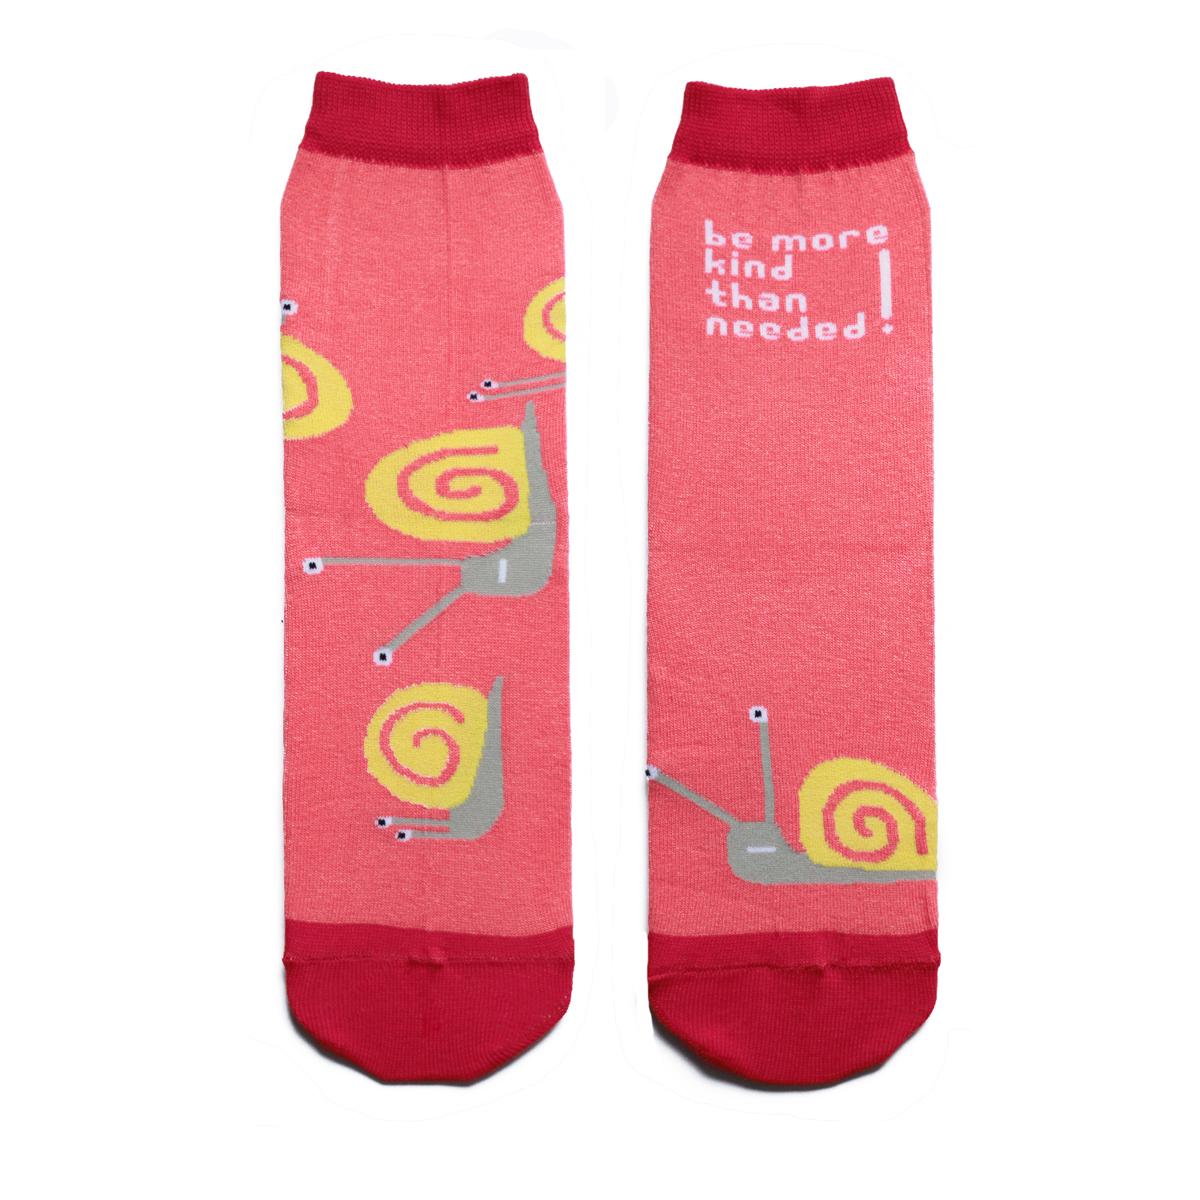 Носки женские Big Bang Socks, цвет: коралловый, красный, желтый. ca1621. Размер 35/39ca1621Носки женские Big Bang Socks изготовлены из натурального хлопка с добавлением полиамида для износоустойчивости и эластана для эластичности.Мягкие высокие носочки оформлены весёлым принтом. Сверху имеется трикотажная резинка для фиксации на голени. Покупая носки Big Bang Socks вы помогаете подопечным фонда Старость в радость.